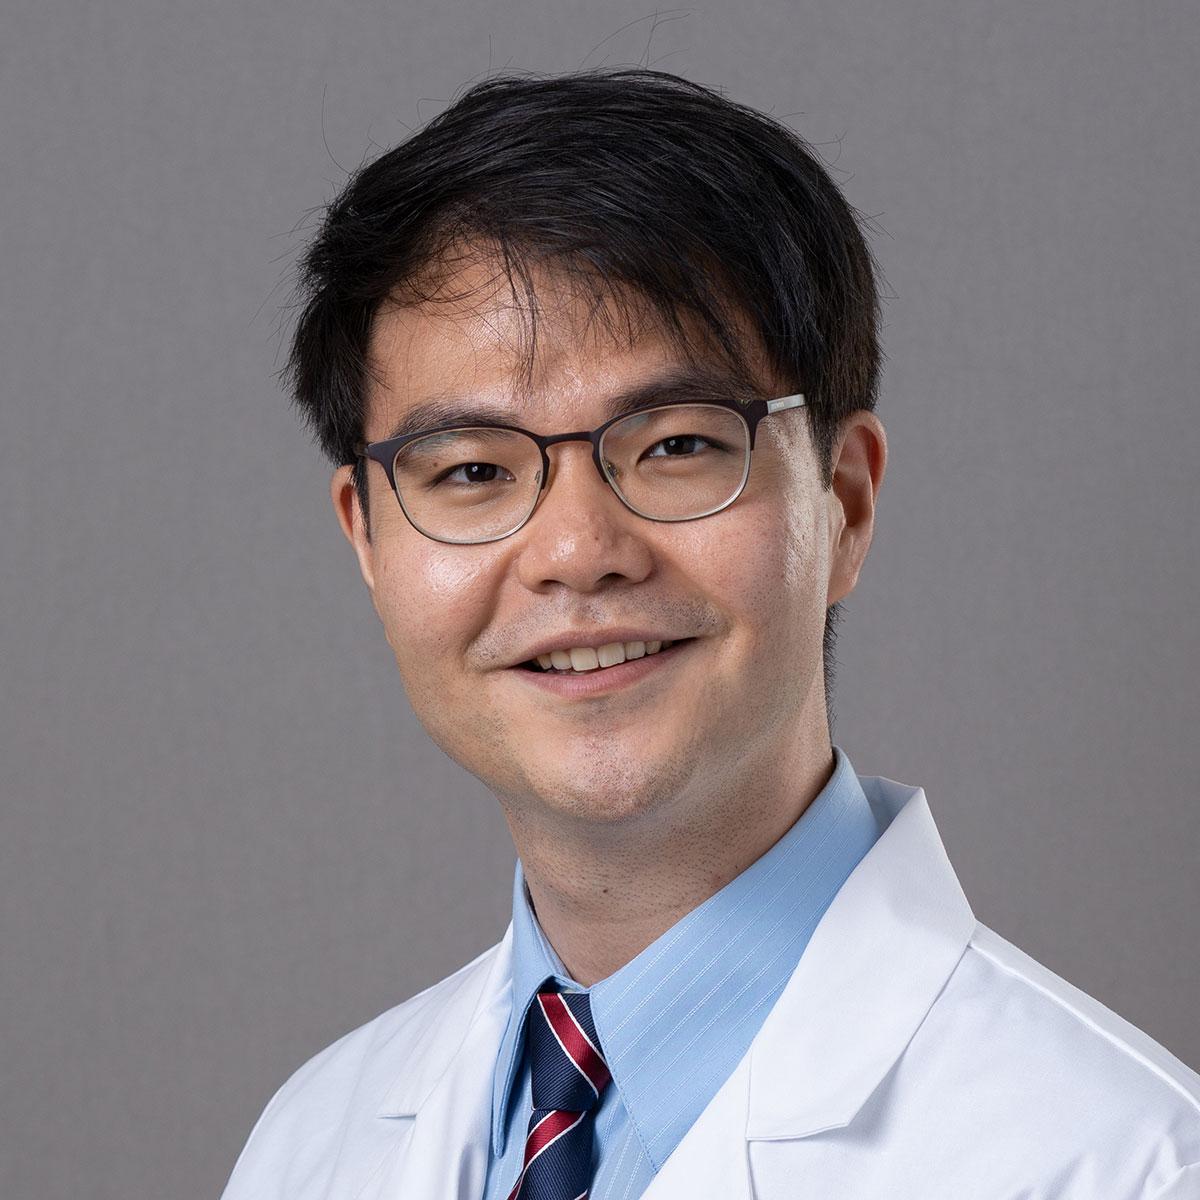 A friendly headshot of Dr. Edward Lee